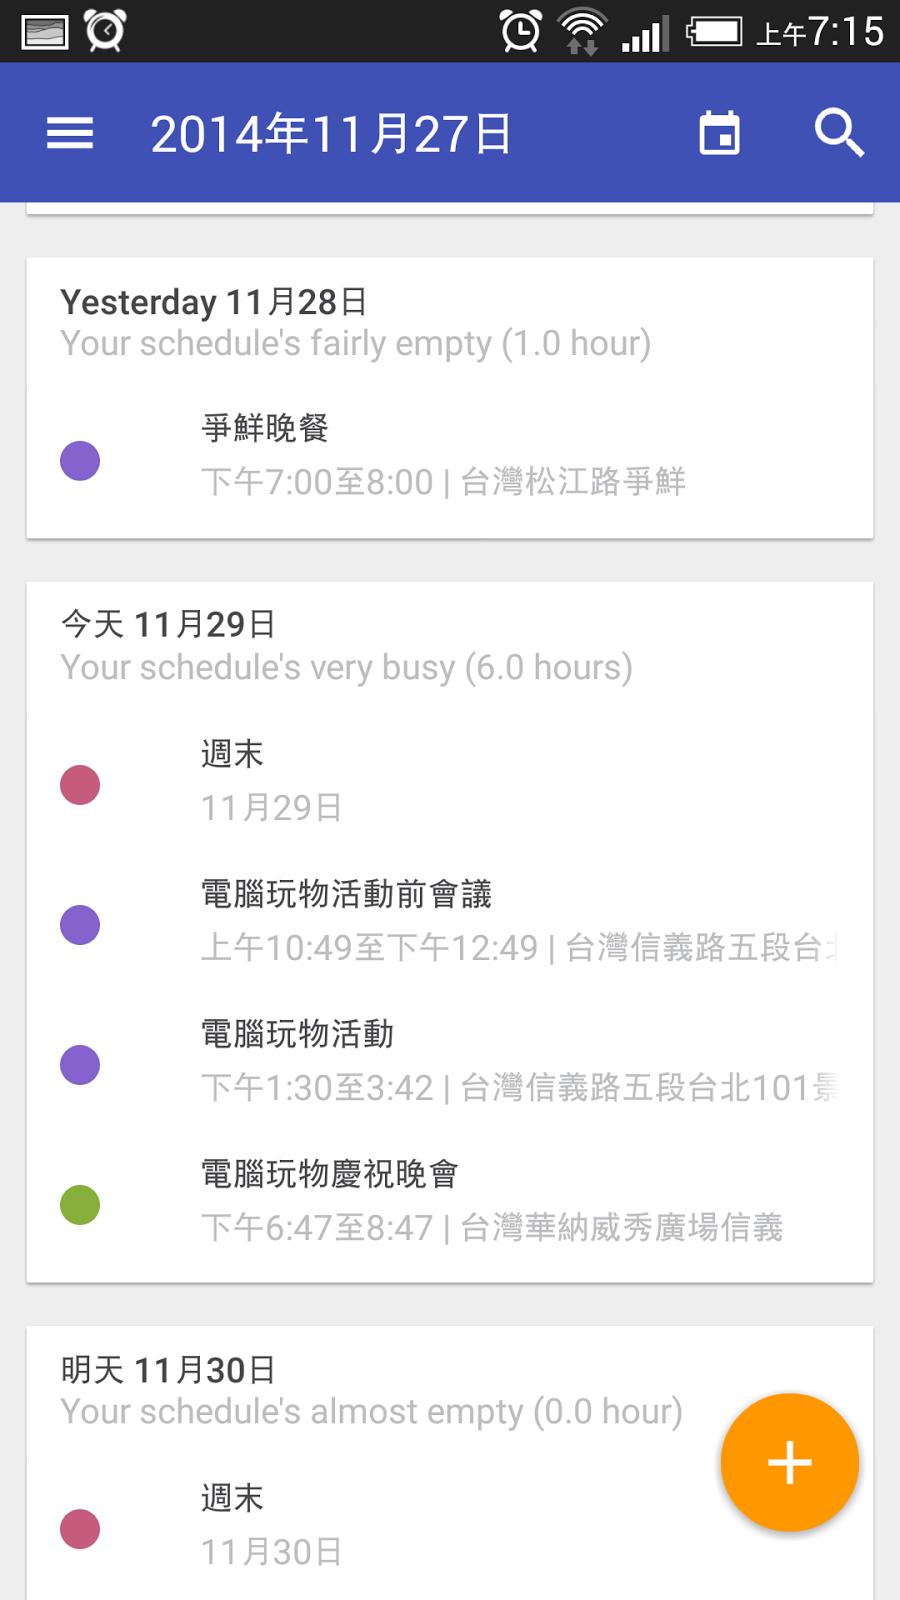 改變行動工作!電腦玩物 2014 最佳 Android App 推薦 Today%2BCalendar-09